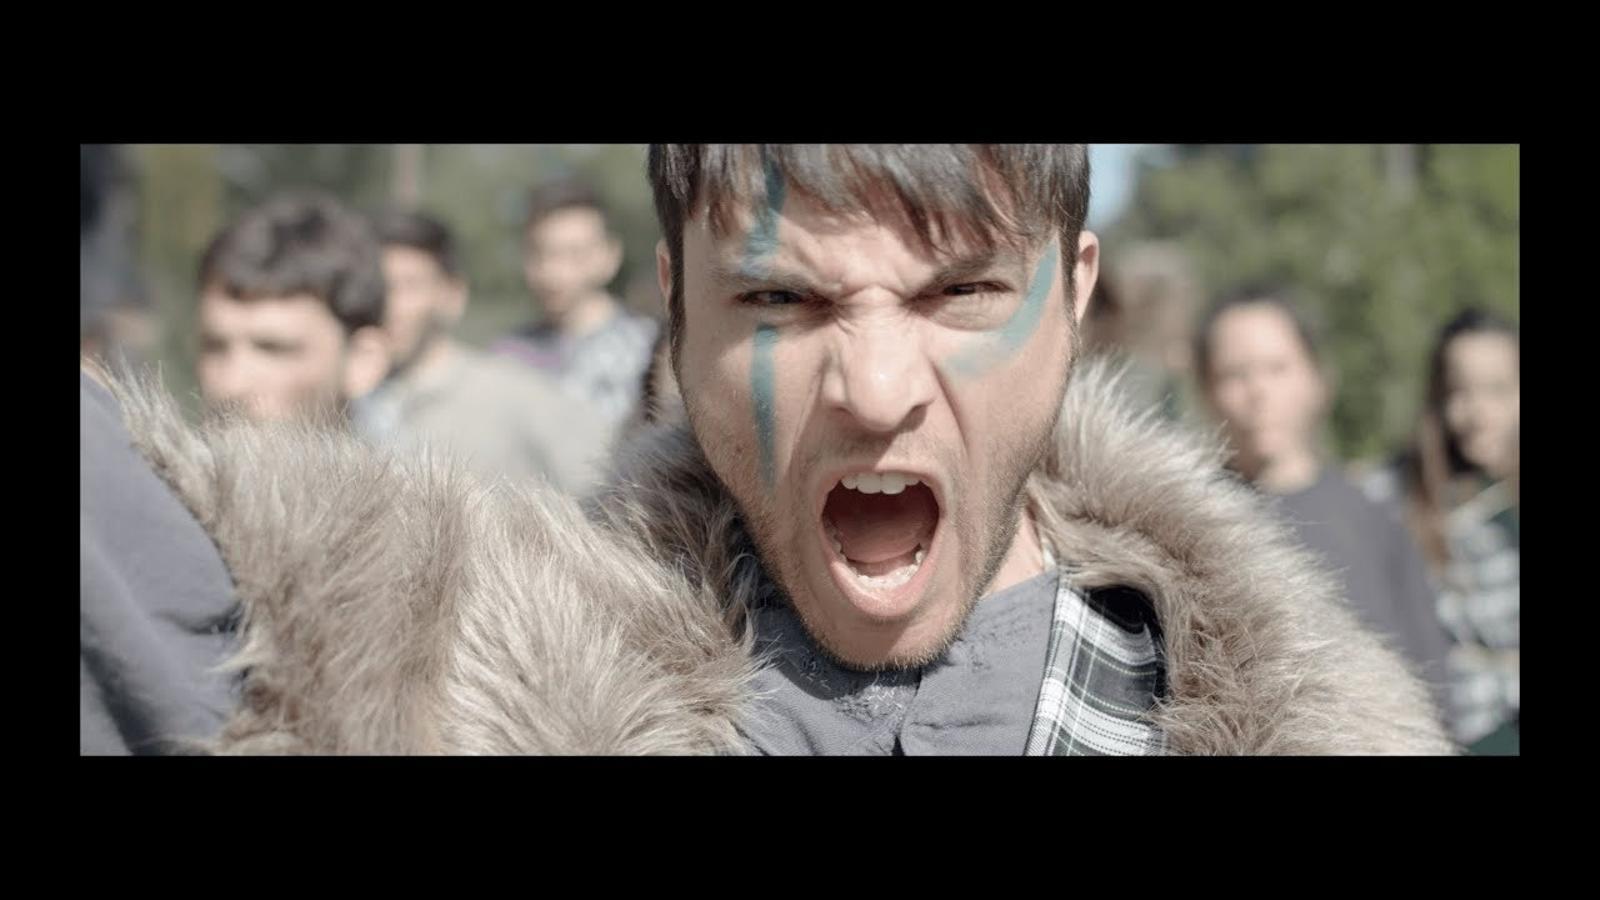 Videoclip d''Activa la bomba', d'Ovella Xao (amb Pupil·les)